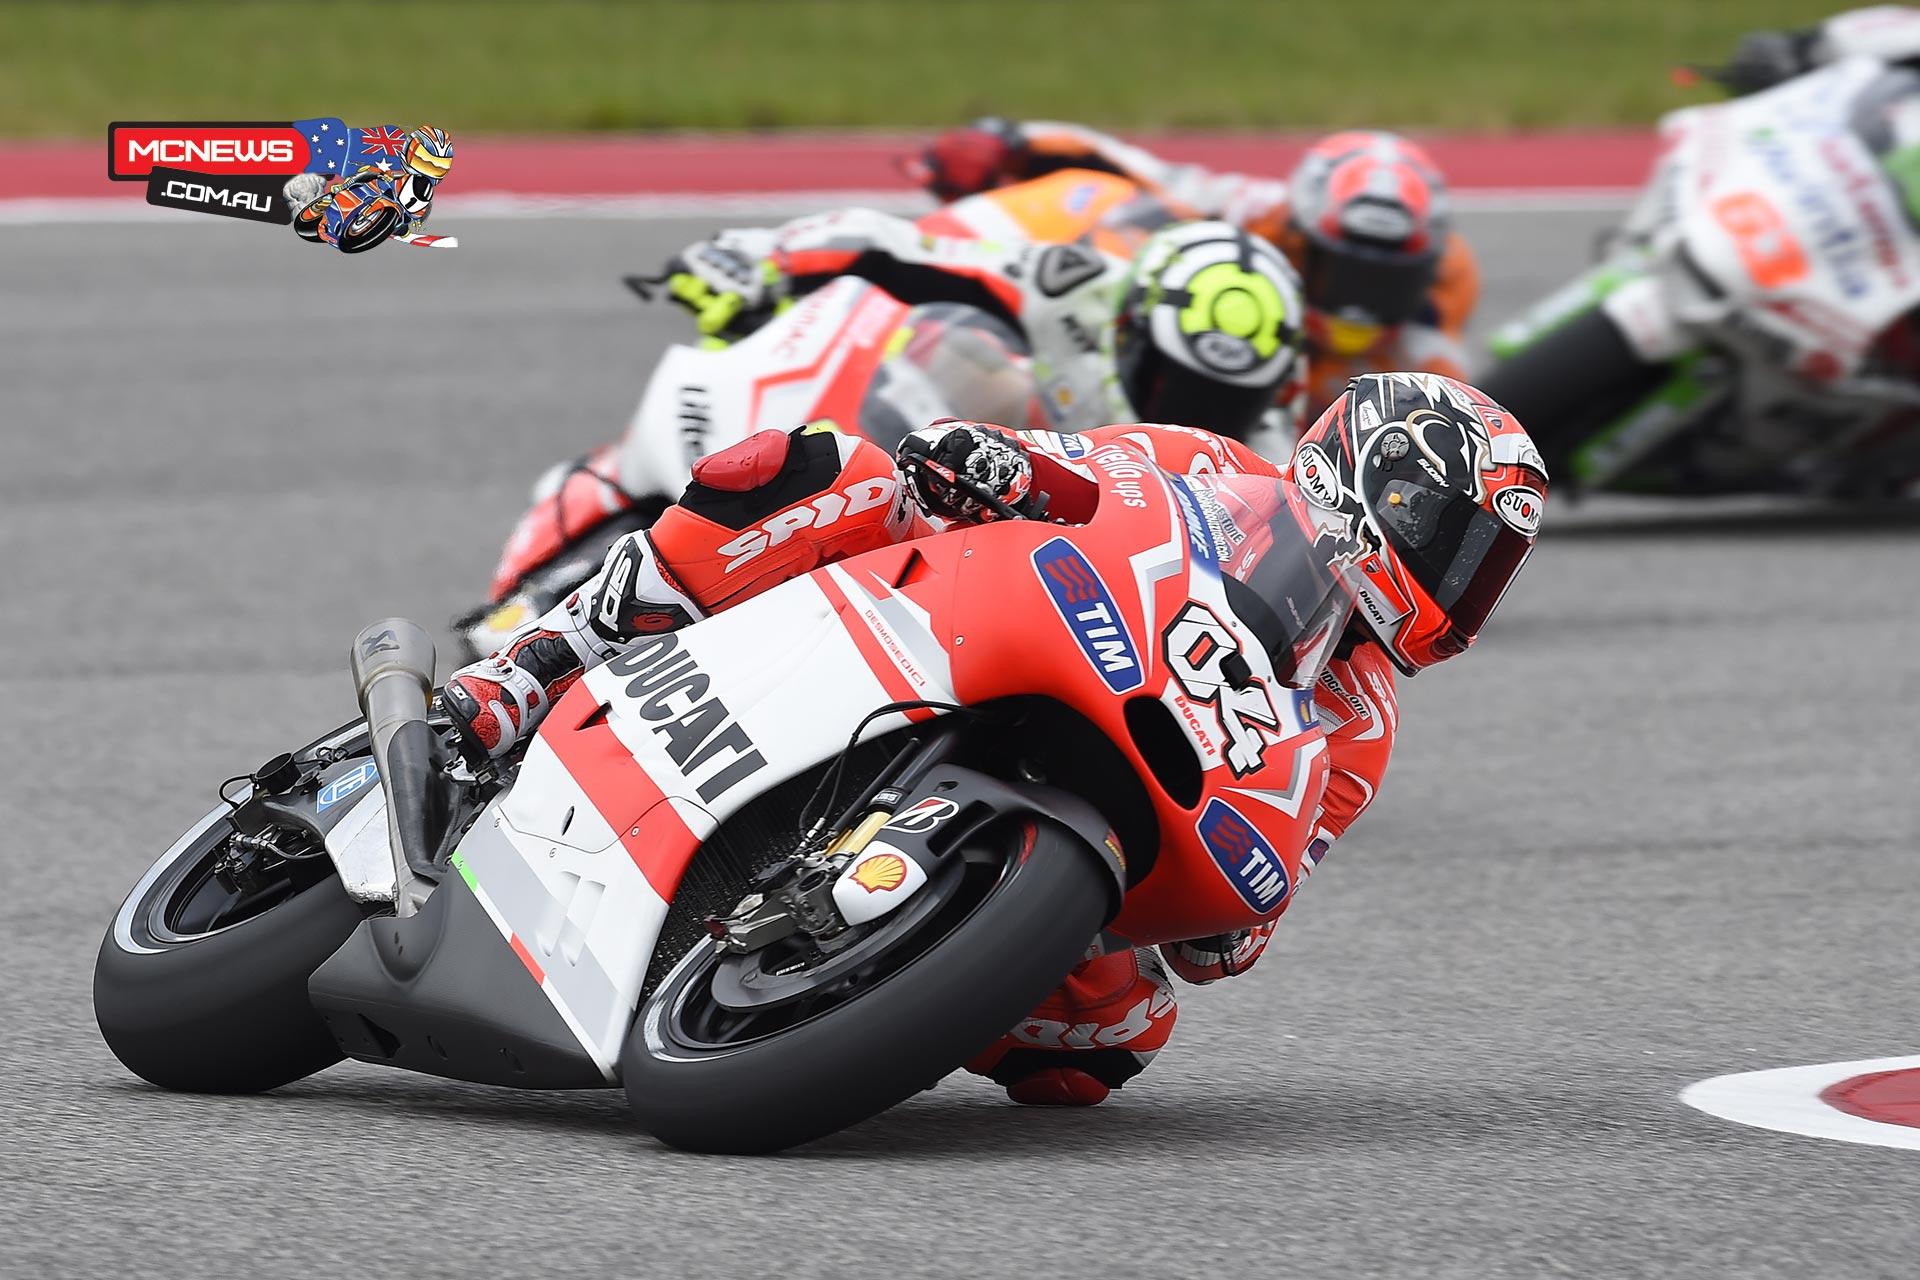 MotoGP_2014_Rnd2_Austin_Day1_Andrea_Dovizioso.jpg?3d3fcc